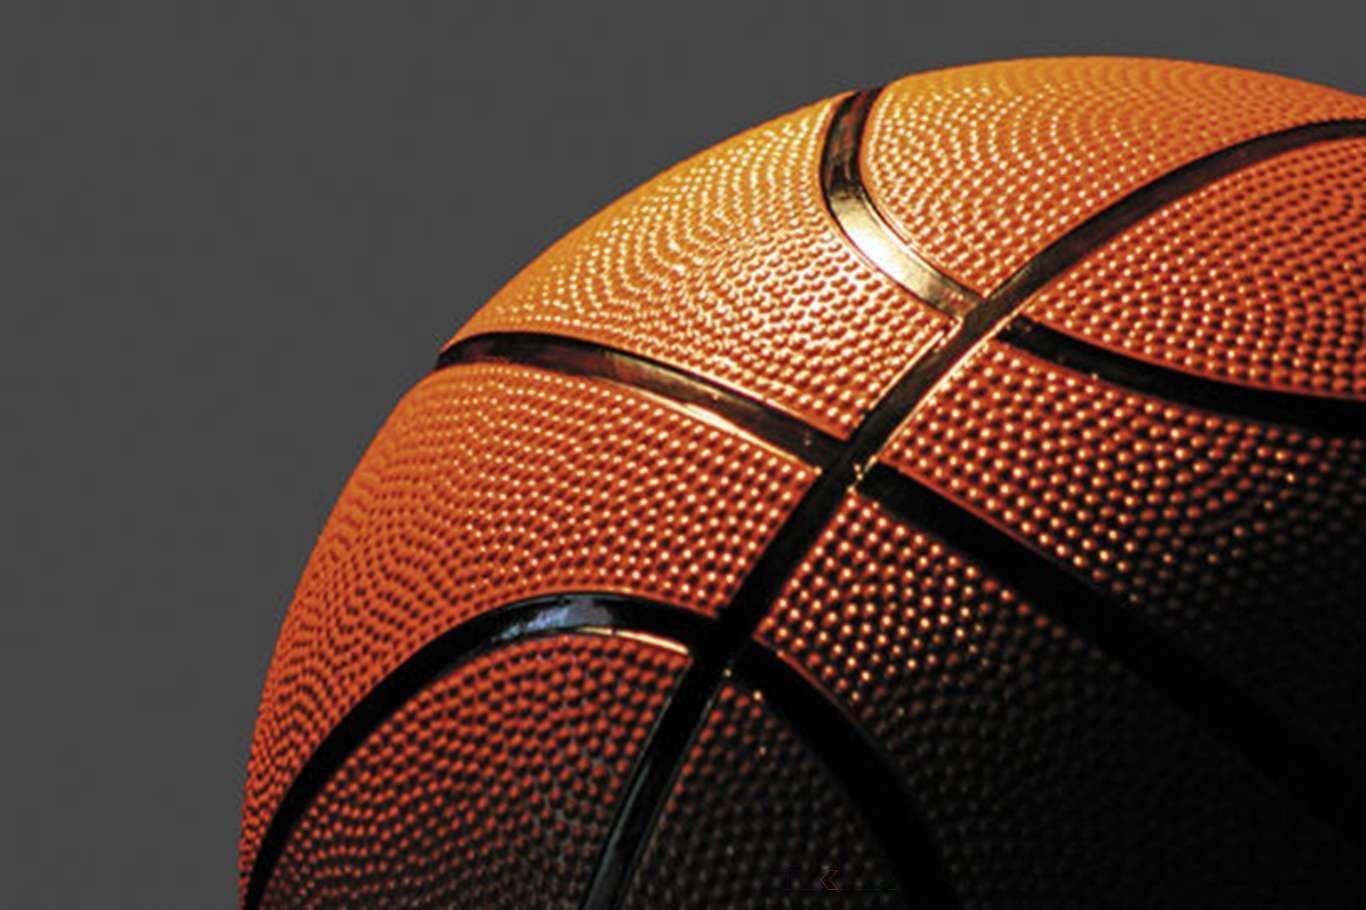 Basketbol müsabakaları yüzde 50 seyirci kapasiteyle oynanacak